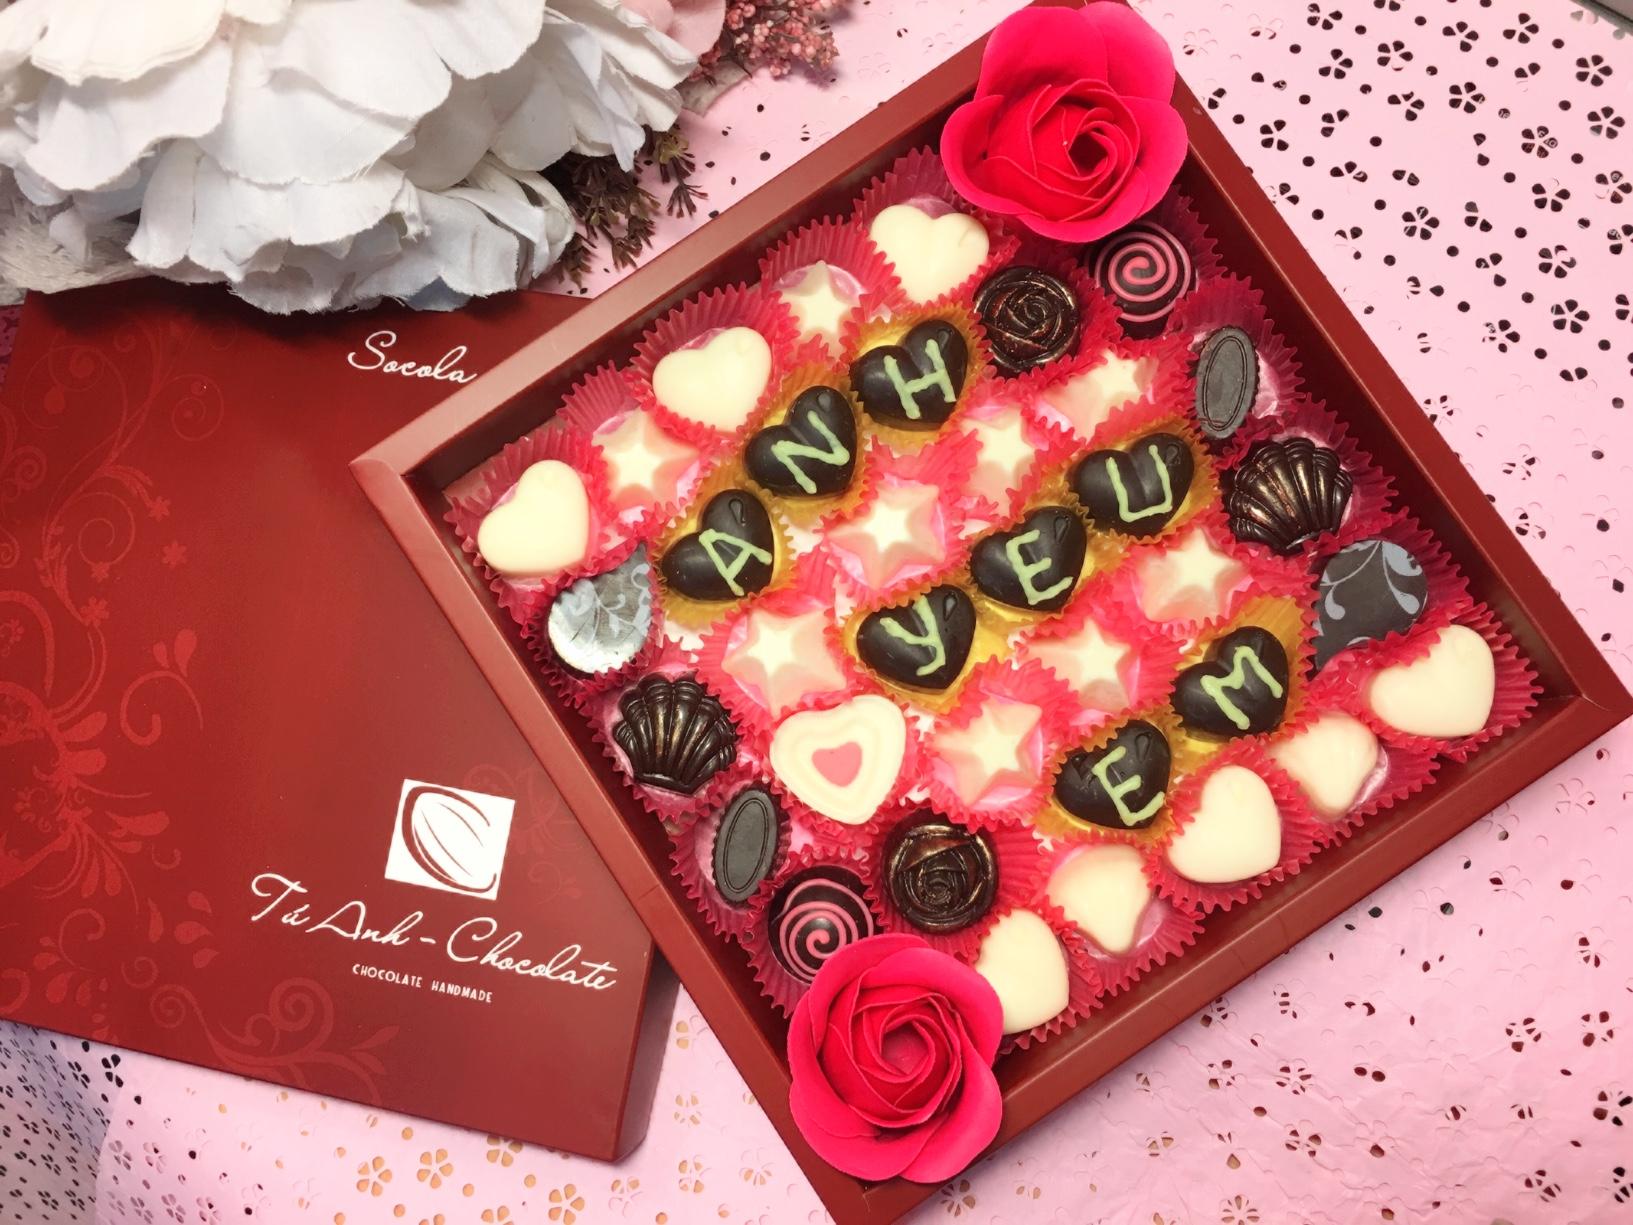 Socola valentine giá rẻ khu vực Ngã tư Sở